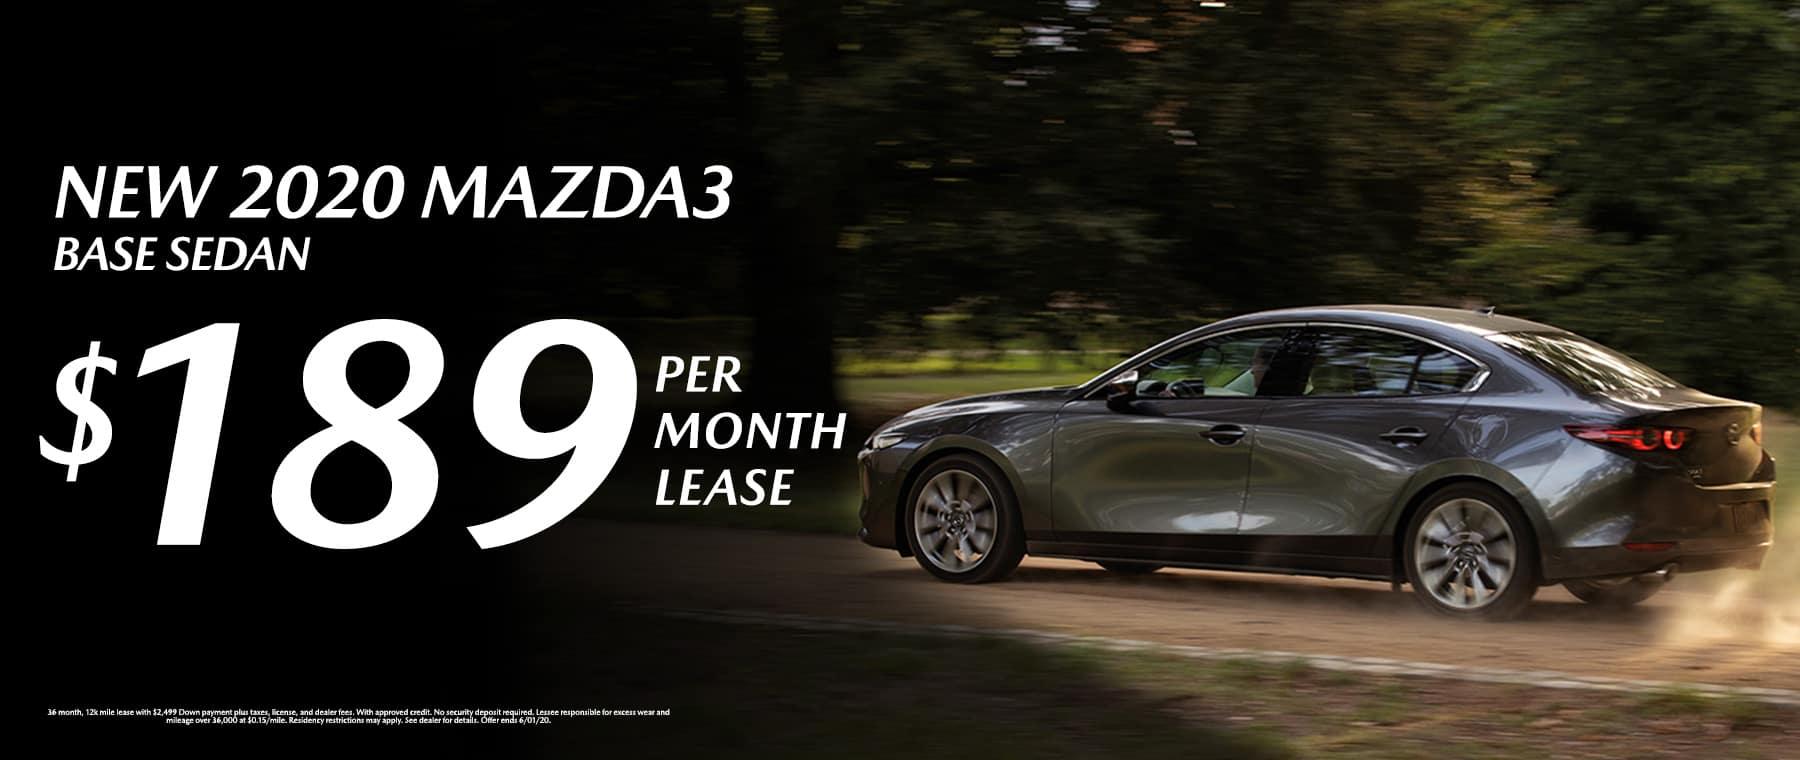 New 2020 Mazda3 at Mazda of Fort Walton Beach